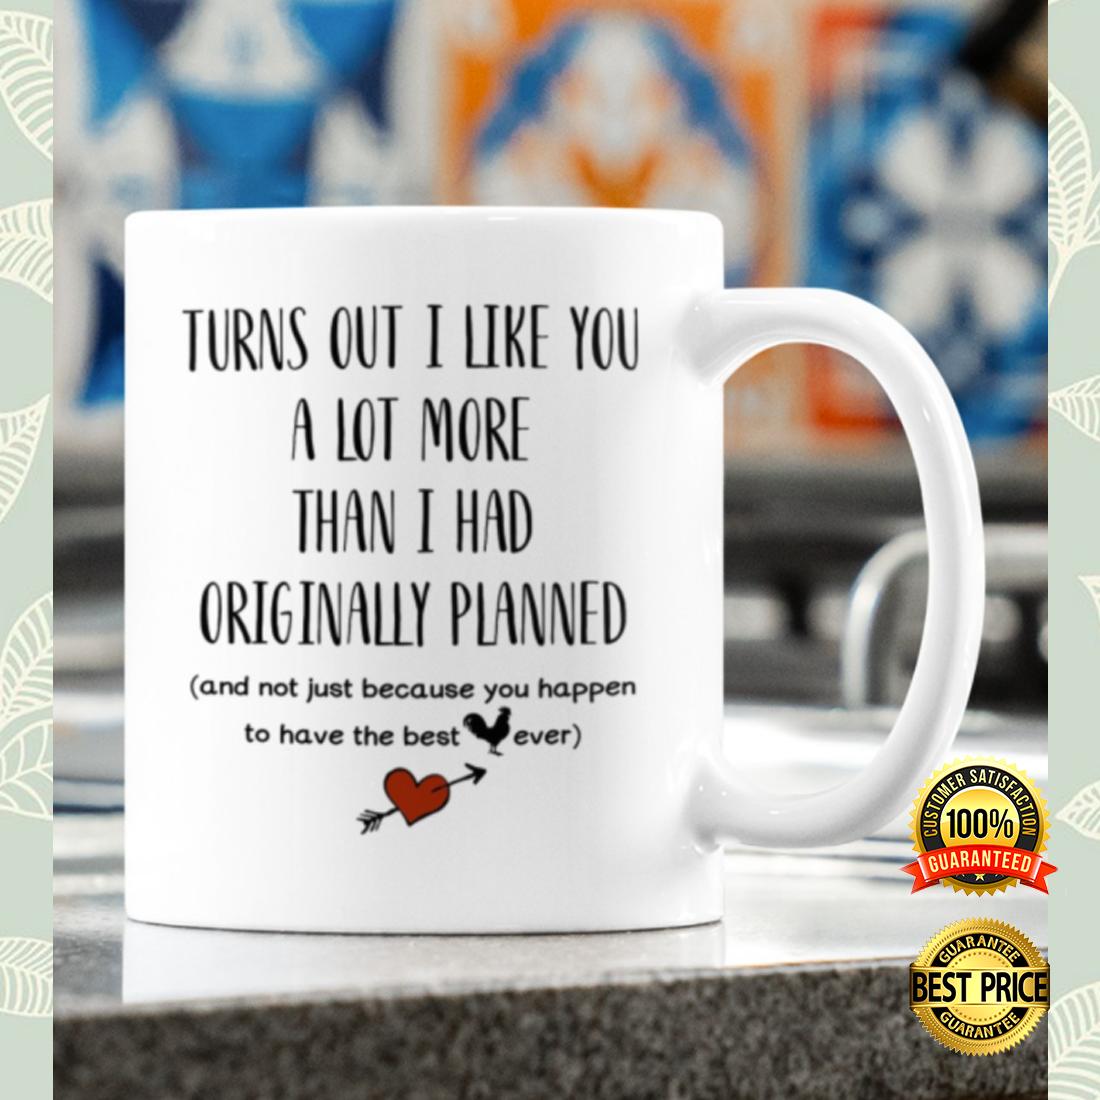 Turns out i like you a lot more than i had originally planned mug